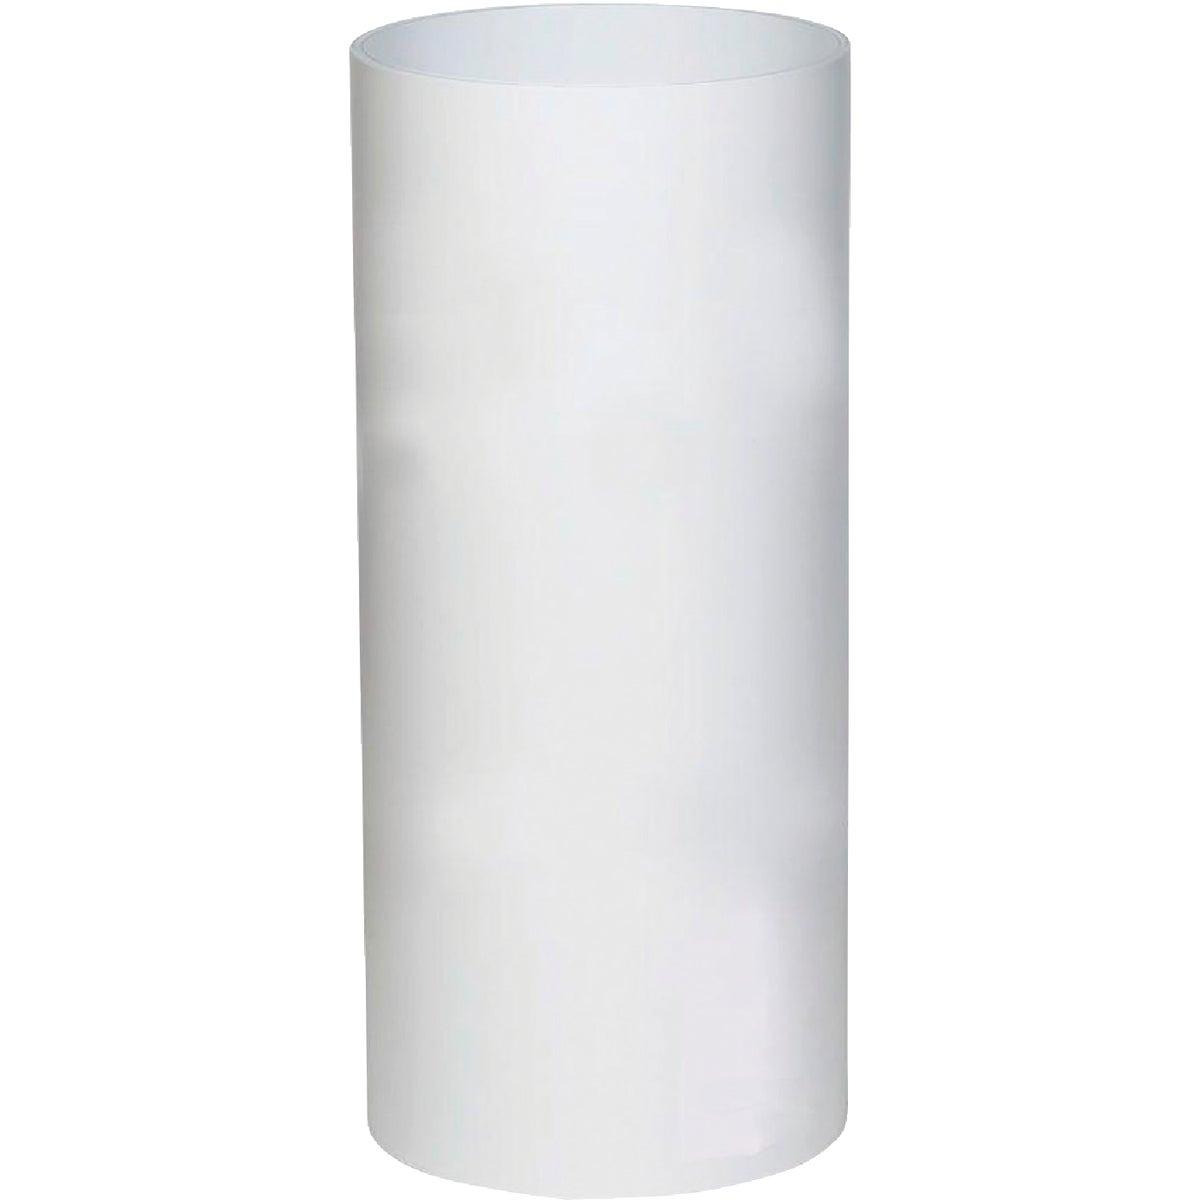 Amerimax Home Prod. 24X50 WHITE TRIM COIL 69124182